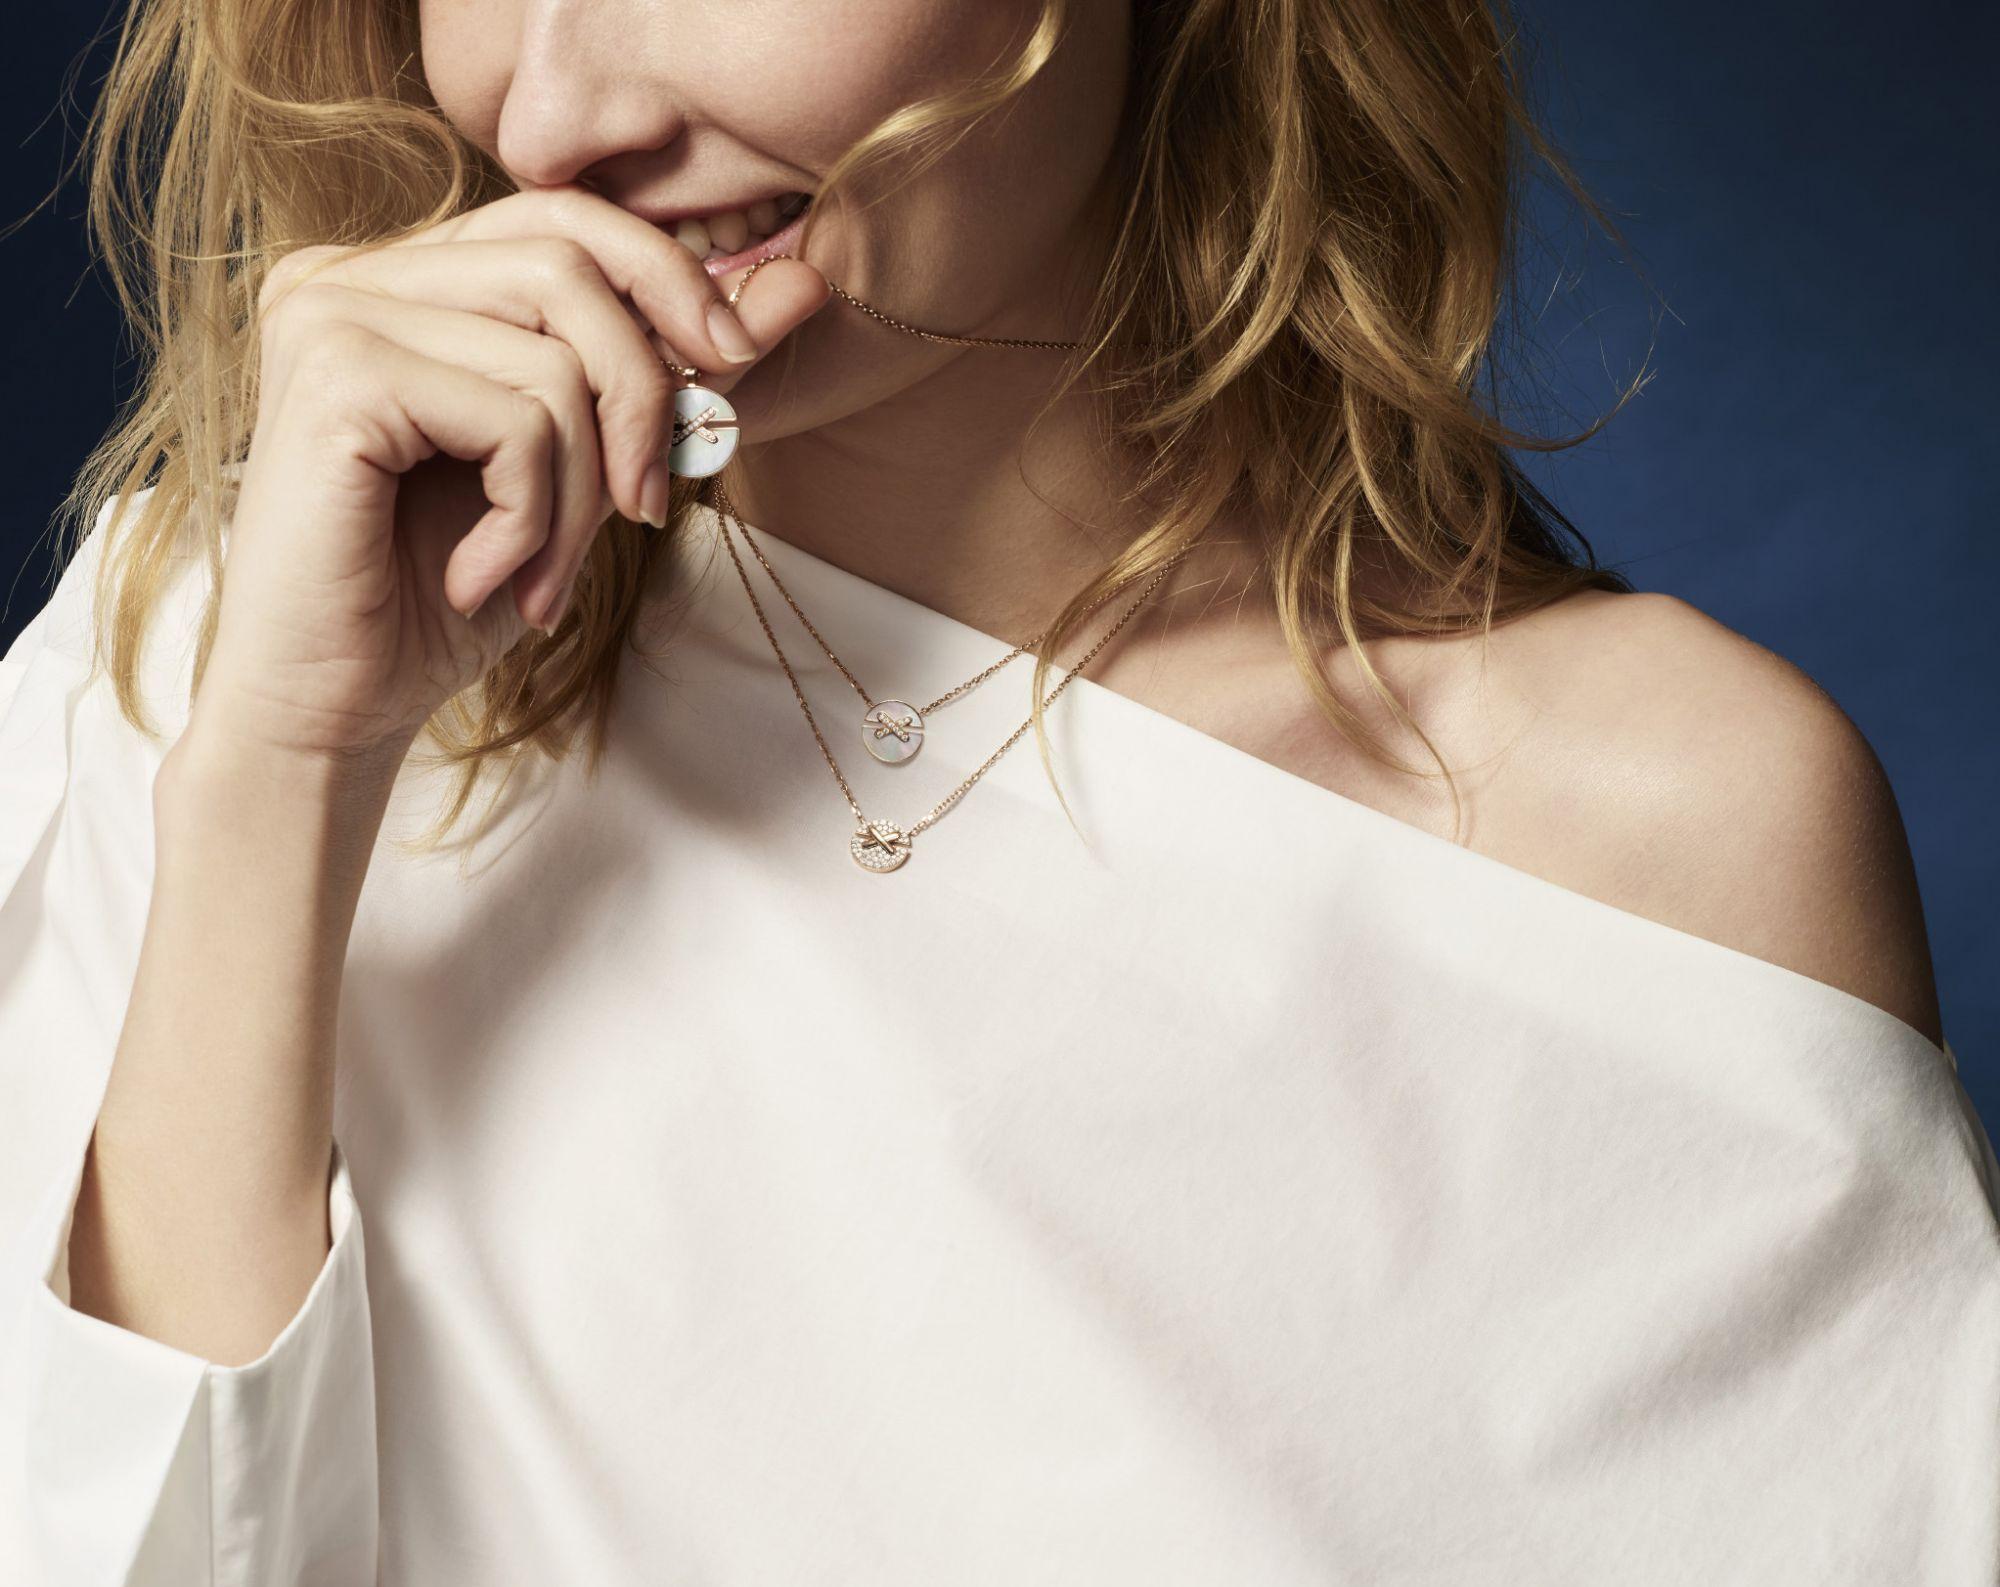 最具法式浪漫情調的情人節禮物非它莫屬!Chaumet全新Jeux de Liens Harmony系列珠寶,讓戀人之間的愛浪漫交會